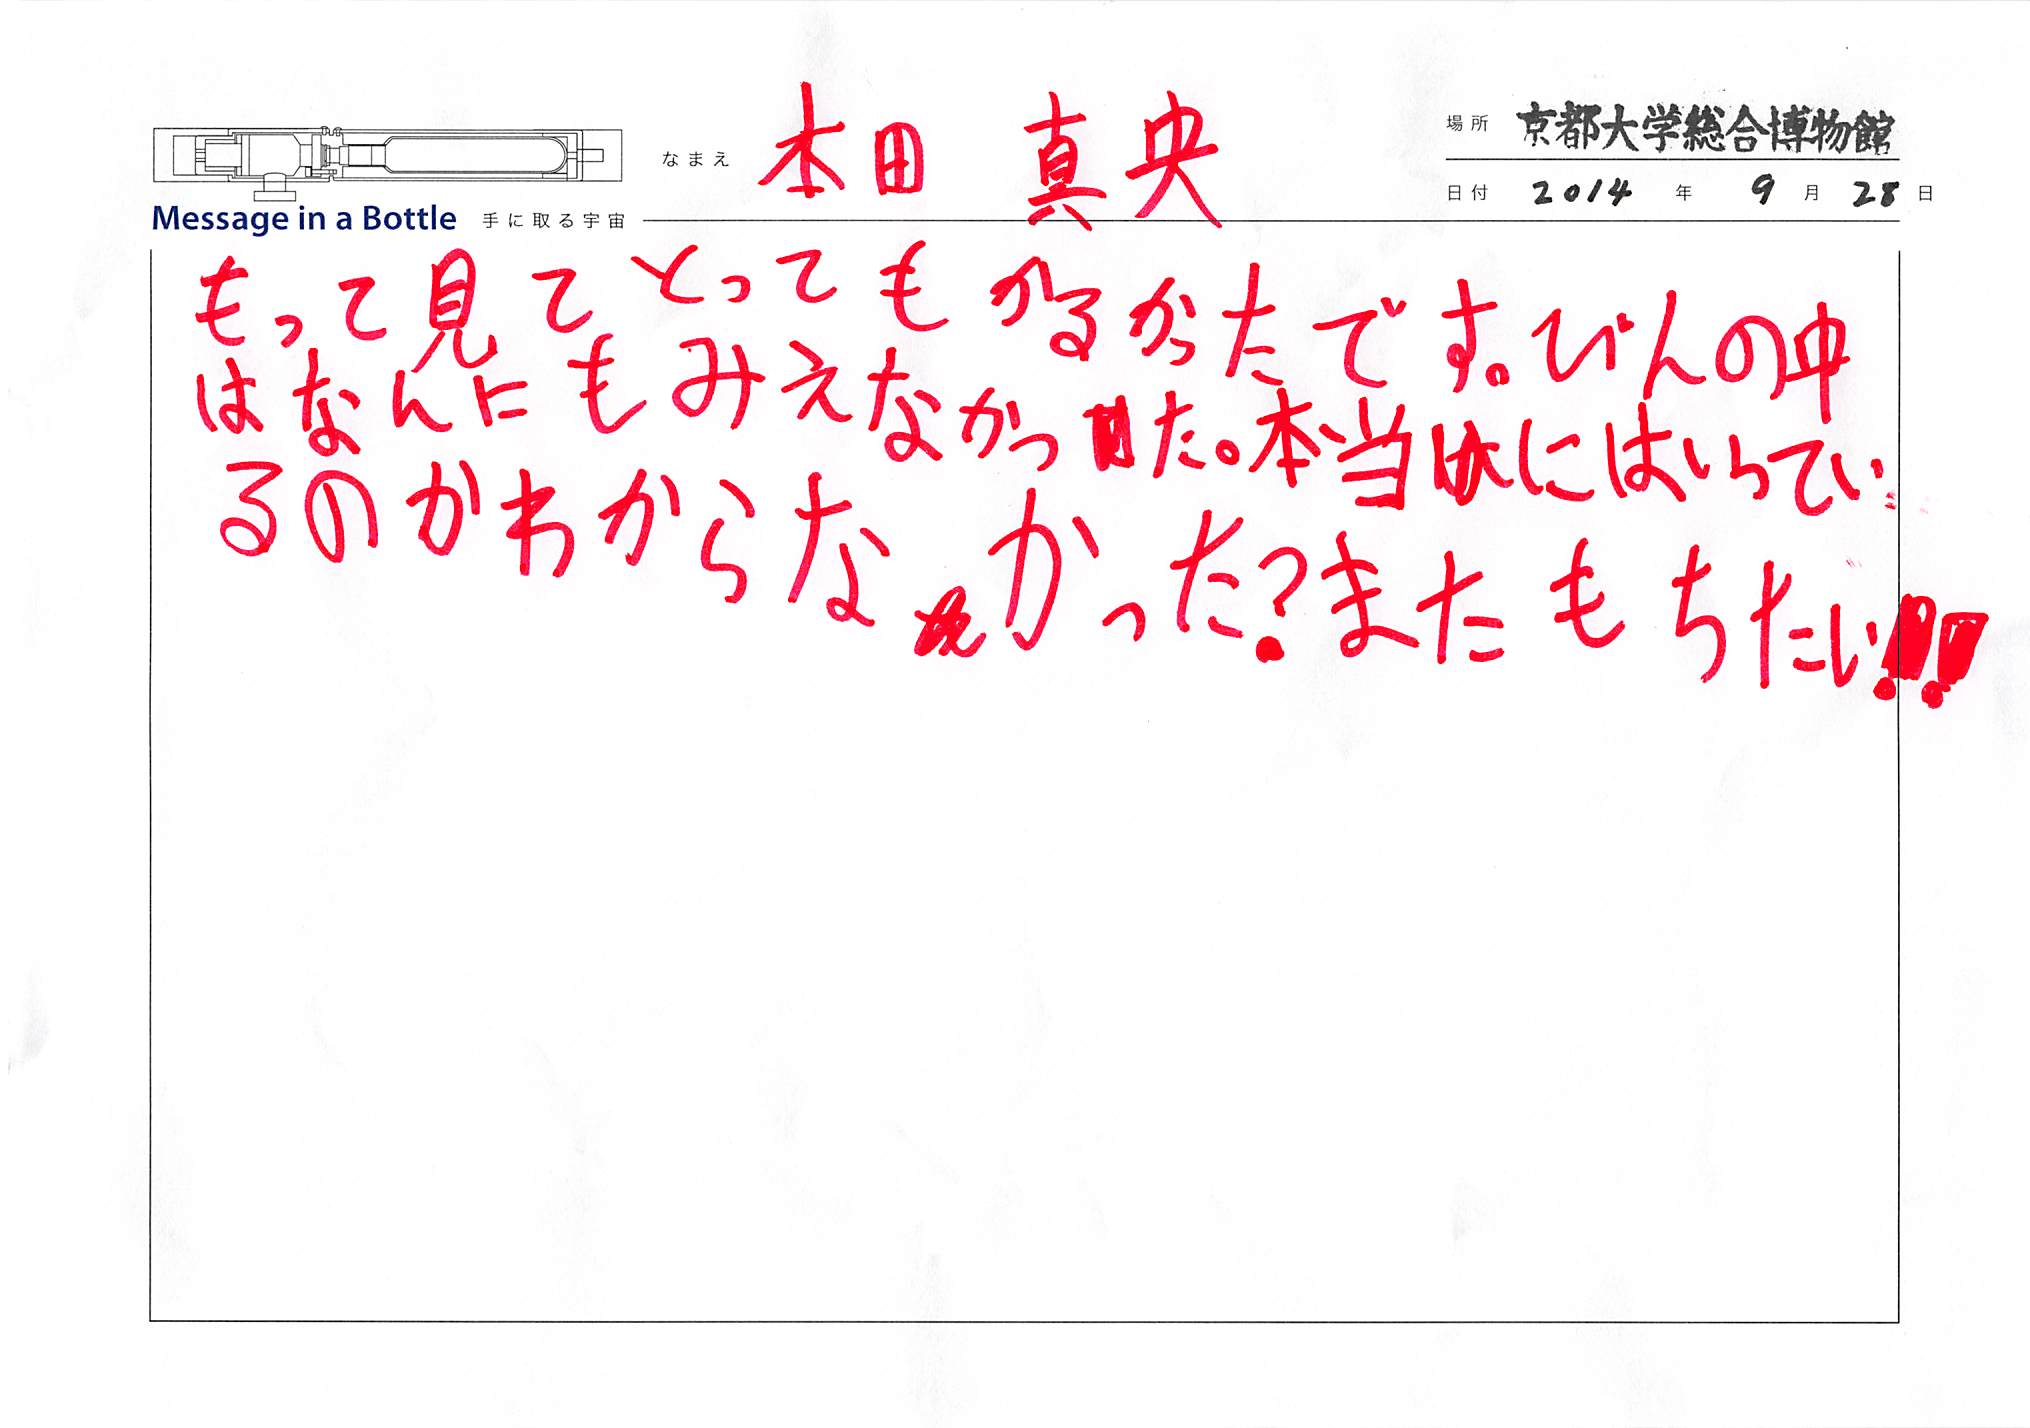 2014-09-28-16-22-41.jpg